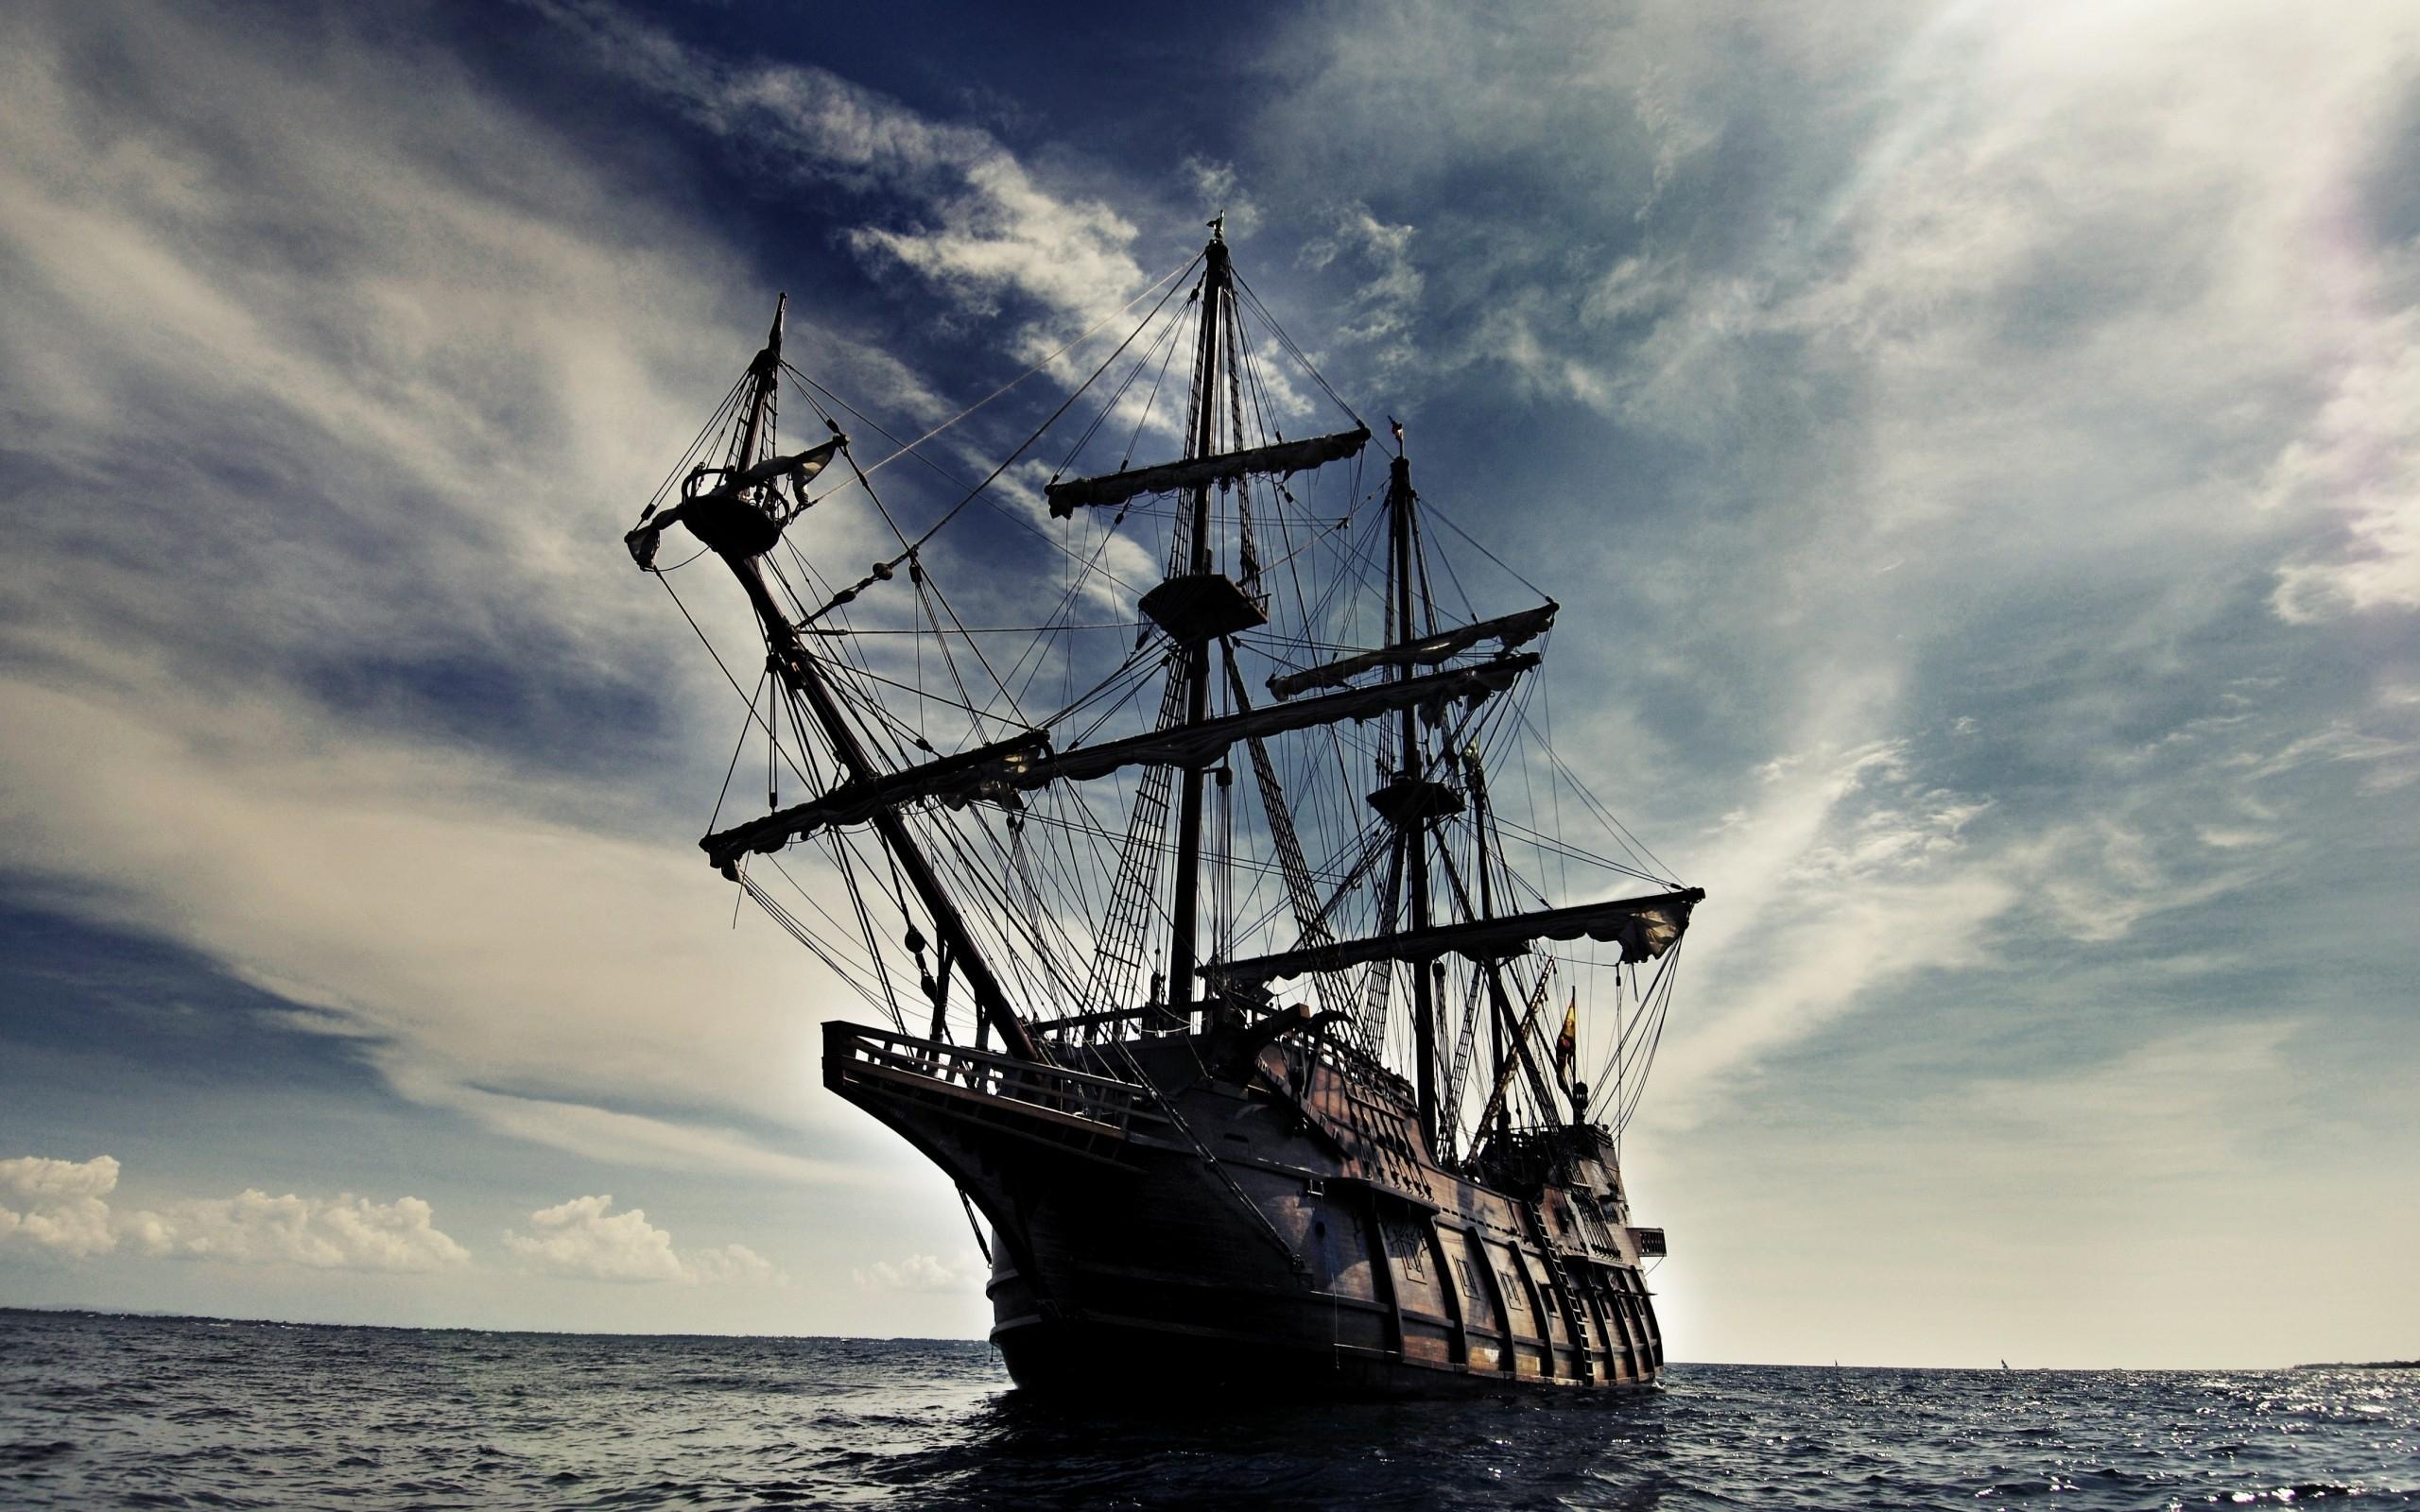 Картинка корабль музыки